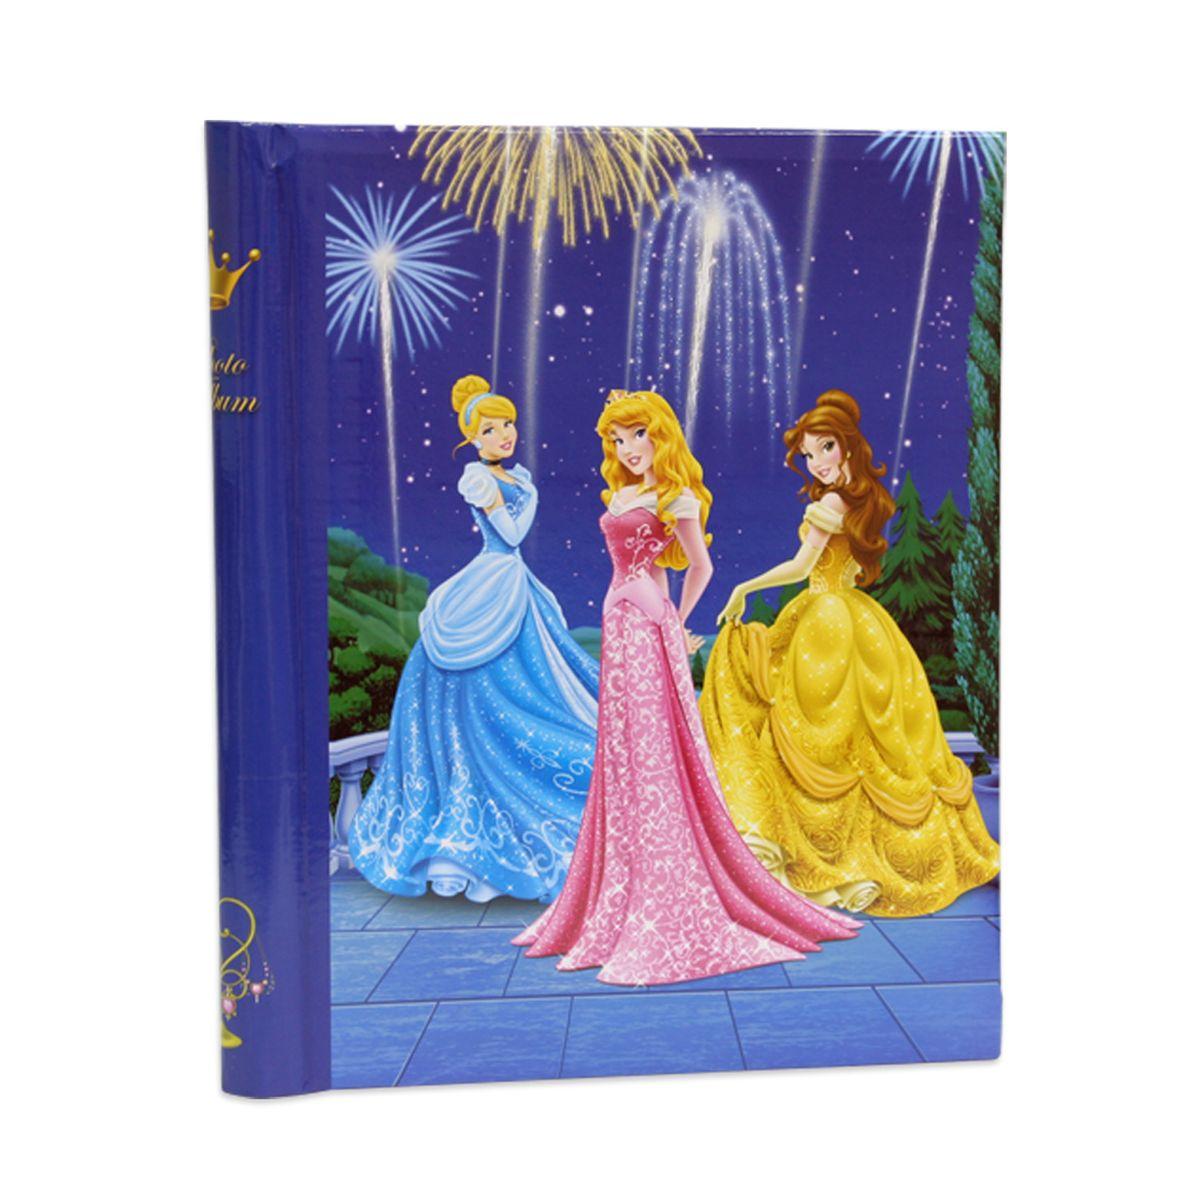 Фотоальбом Pioneer Princess, 20 магнитных листов, 23 х 28 см46560 LM-SA20Фотоальбом Pioneer Princess поможет красиво оформить ваши фотографии. Обложка, выполненная из толстого картона, оформлена красочным детским рисунком. Альбом смагнитными листами удобен тем, что он позволяетразмещать фотографии разных размеров. Тип скрепления - спираль. Магнитные страницы обладают следующими преимуществами:- Не нужно прикладывать усилий для закрепления фотографий;- Не нужно заботиться о размерах фотографий, так как вы можете вставить в альбом фотографии разных размеров;- Защита фотографий от постоянных прикосновений зрителей с помощью пленки ПВХ.Нам всегда так приятно вспоминать о самых счастливых моментах жизни, запечатленных на фотографиях. Поэтому фотоальбом является универсальным подарком к любому празднику.Количество листов: 20 шт. Размер листа: 23 х 28 см.